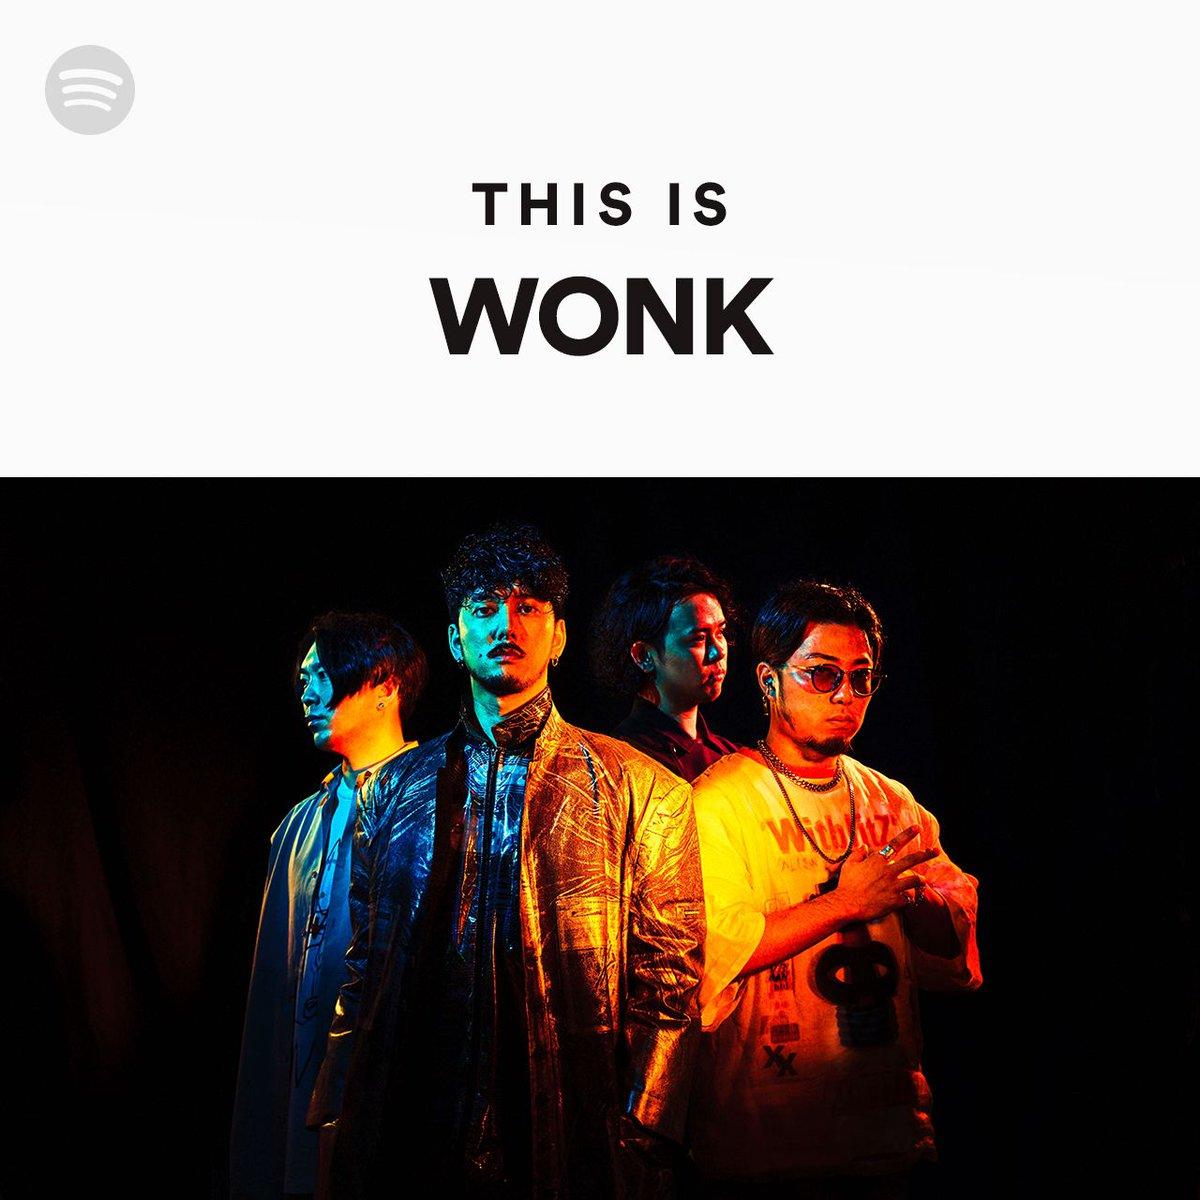 東京を拠点に活躍するエクスペリメンタル・ソウルバンド WONK。音楽とテクノロジーの新たな融合、実験的なサウンドに注目。